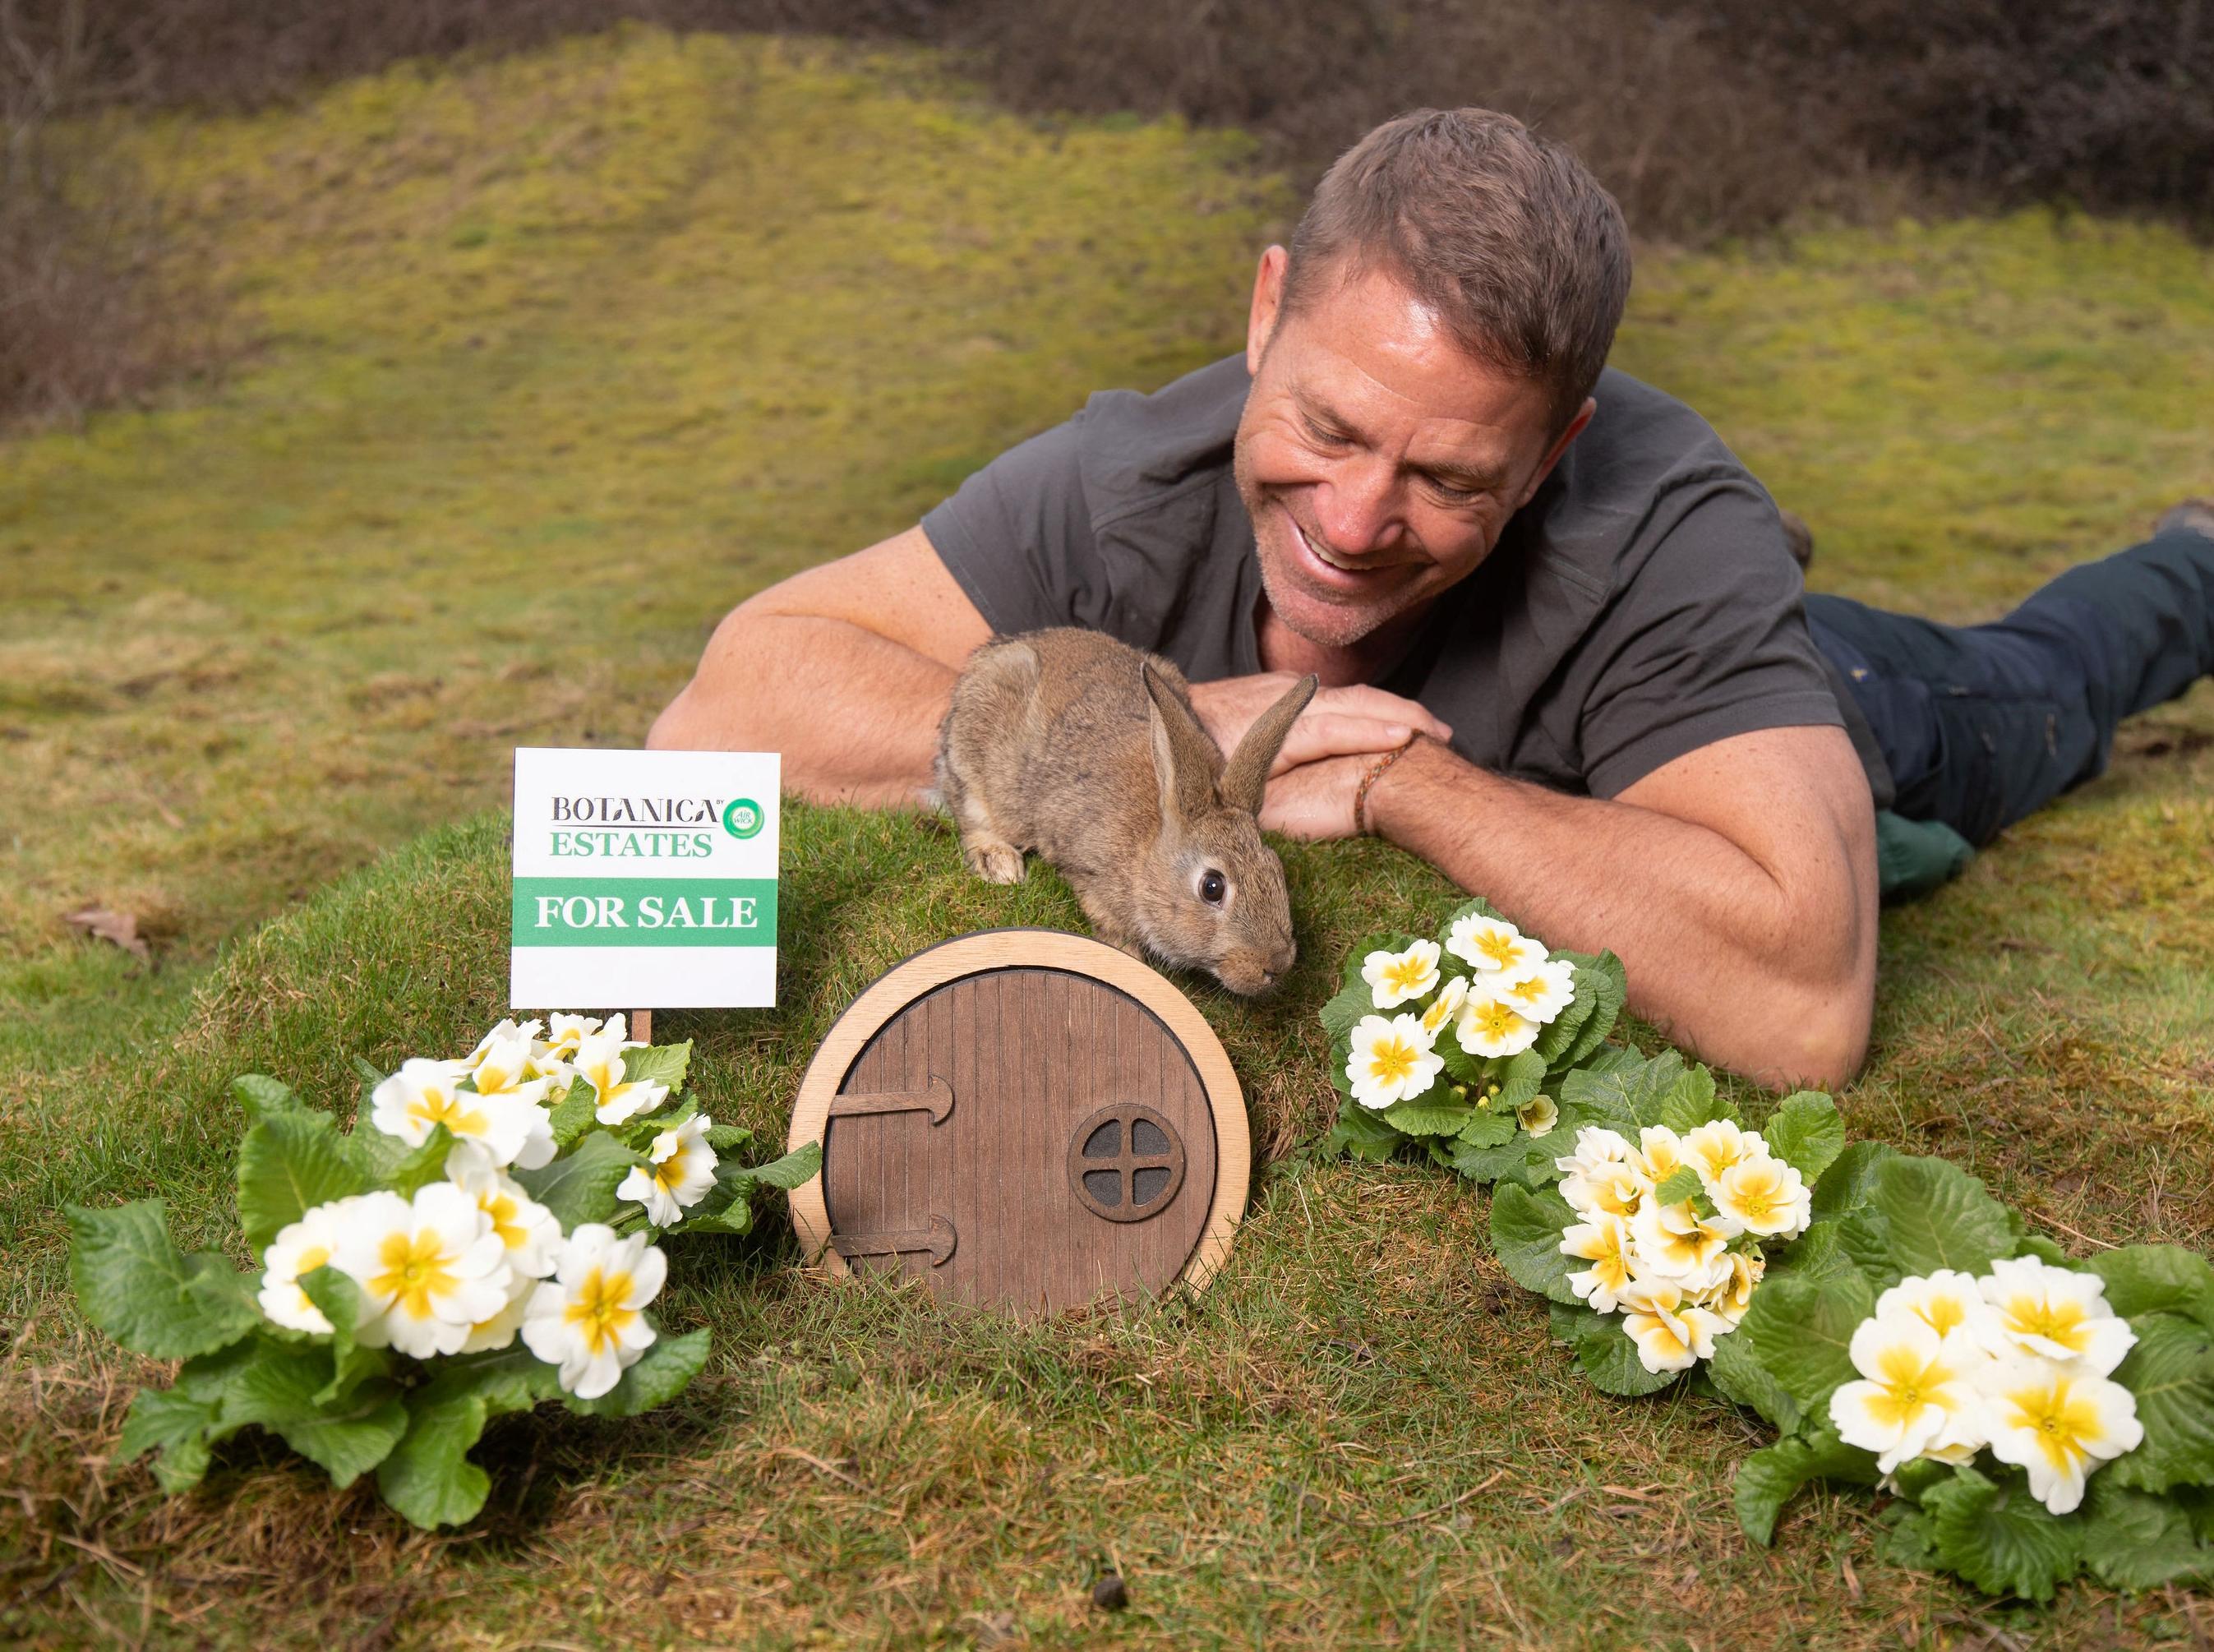 Botanica estates rabbit nature